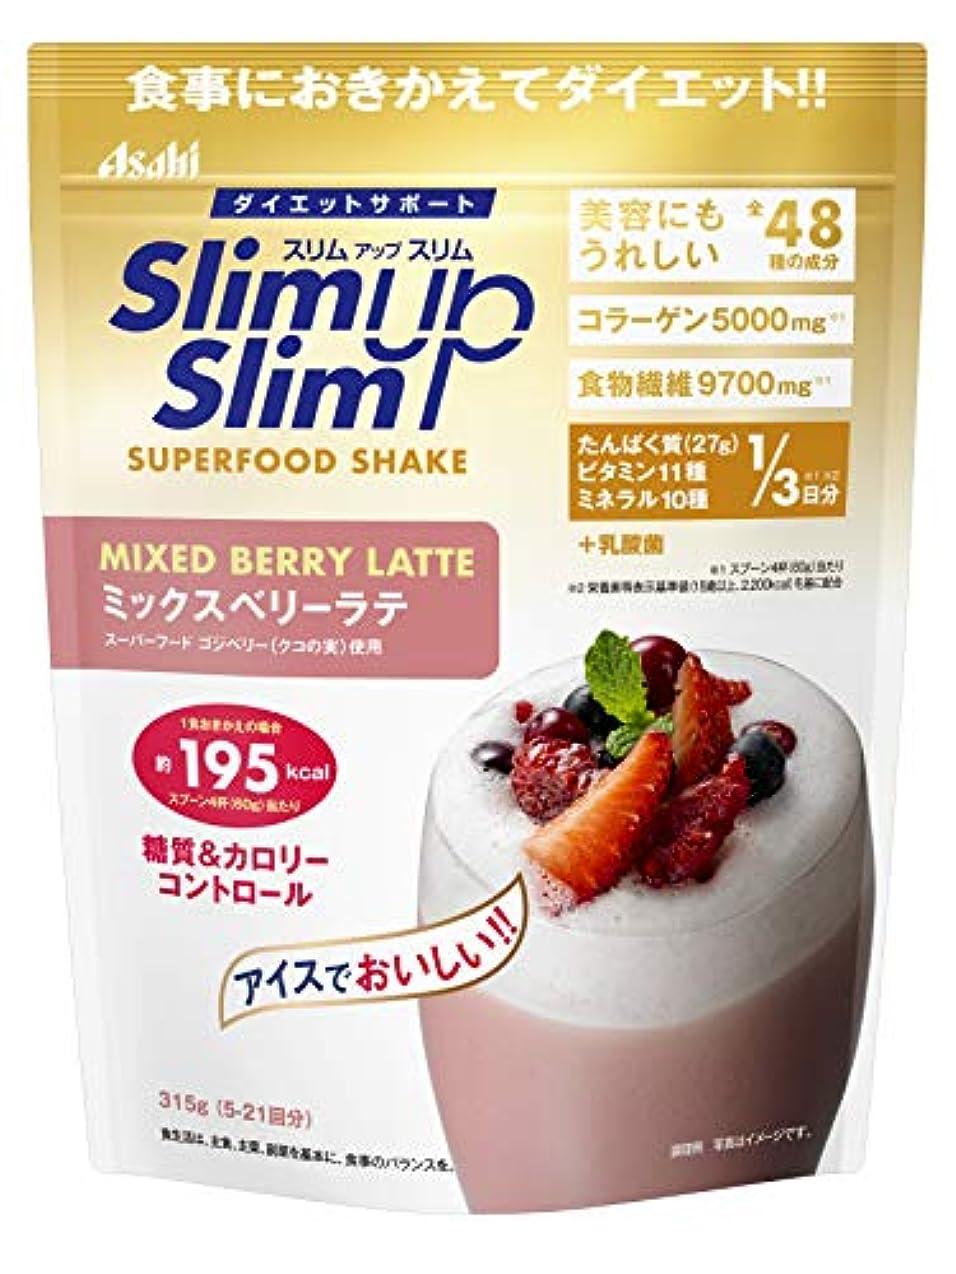 スナッチ迷信協定スリムアップスリム 乳酸菌+スーパーフードシェイク ミックスベリーラテ 315g